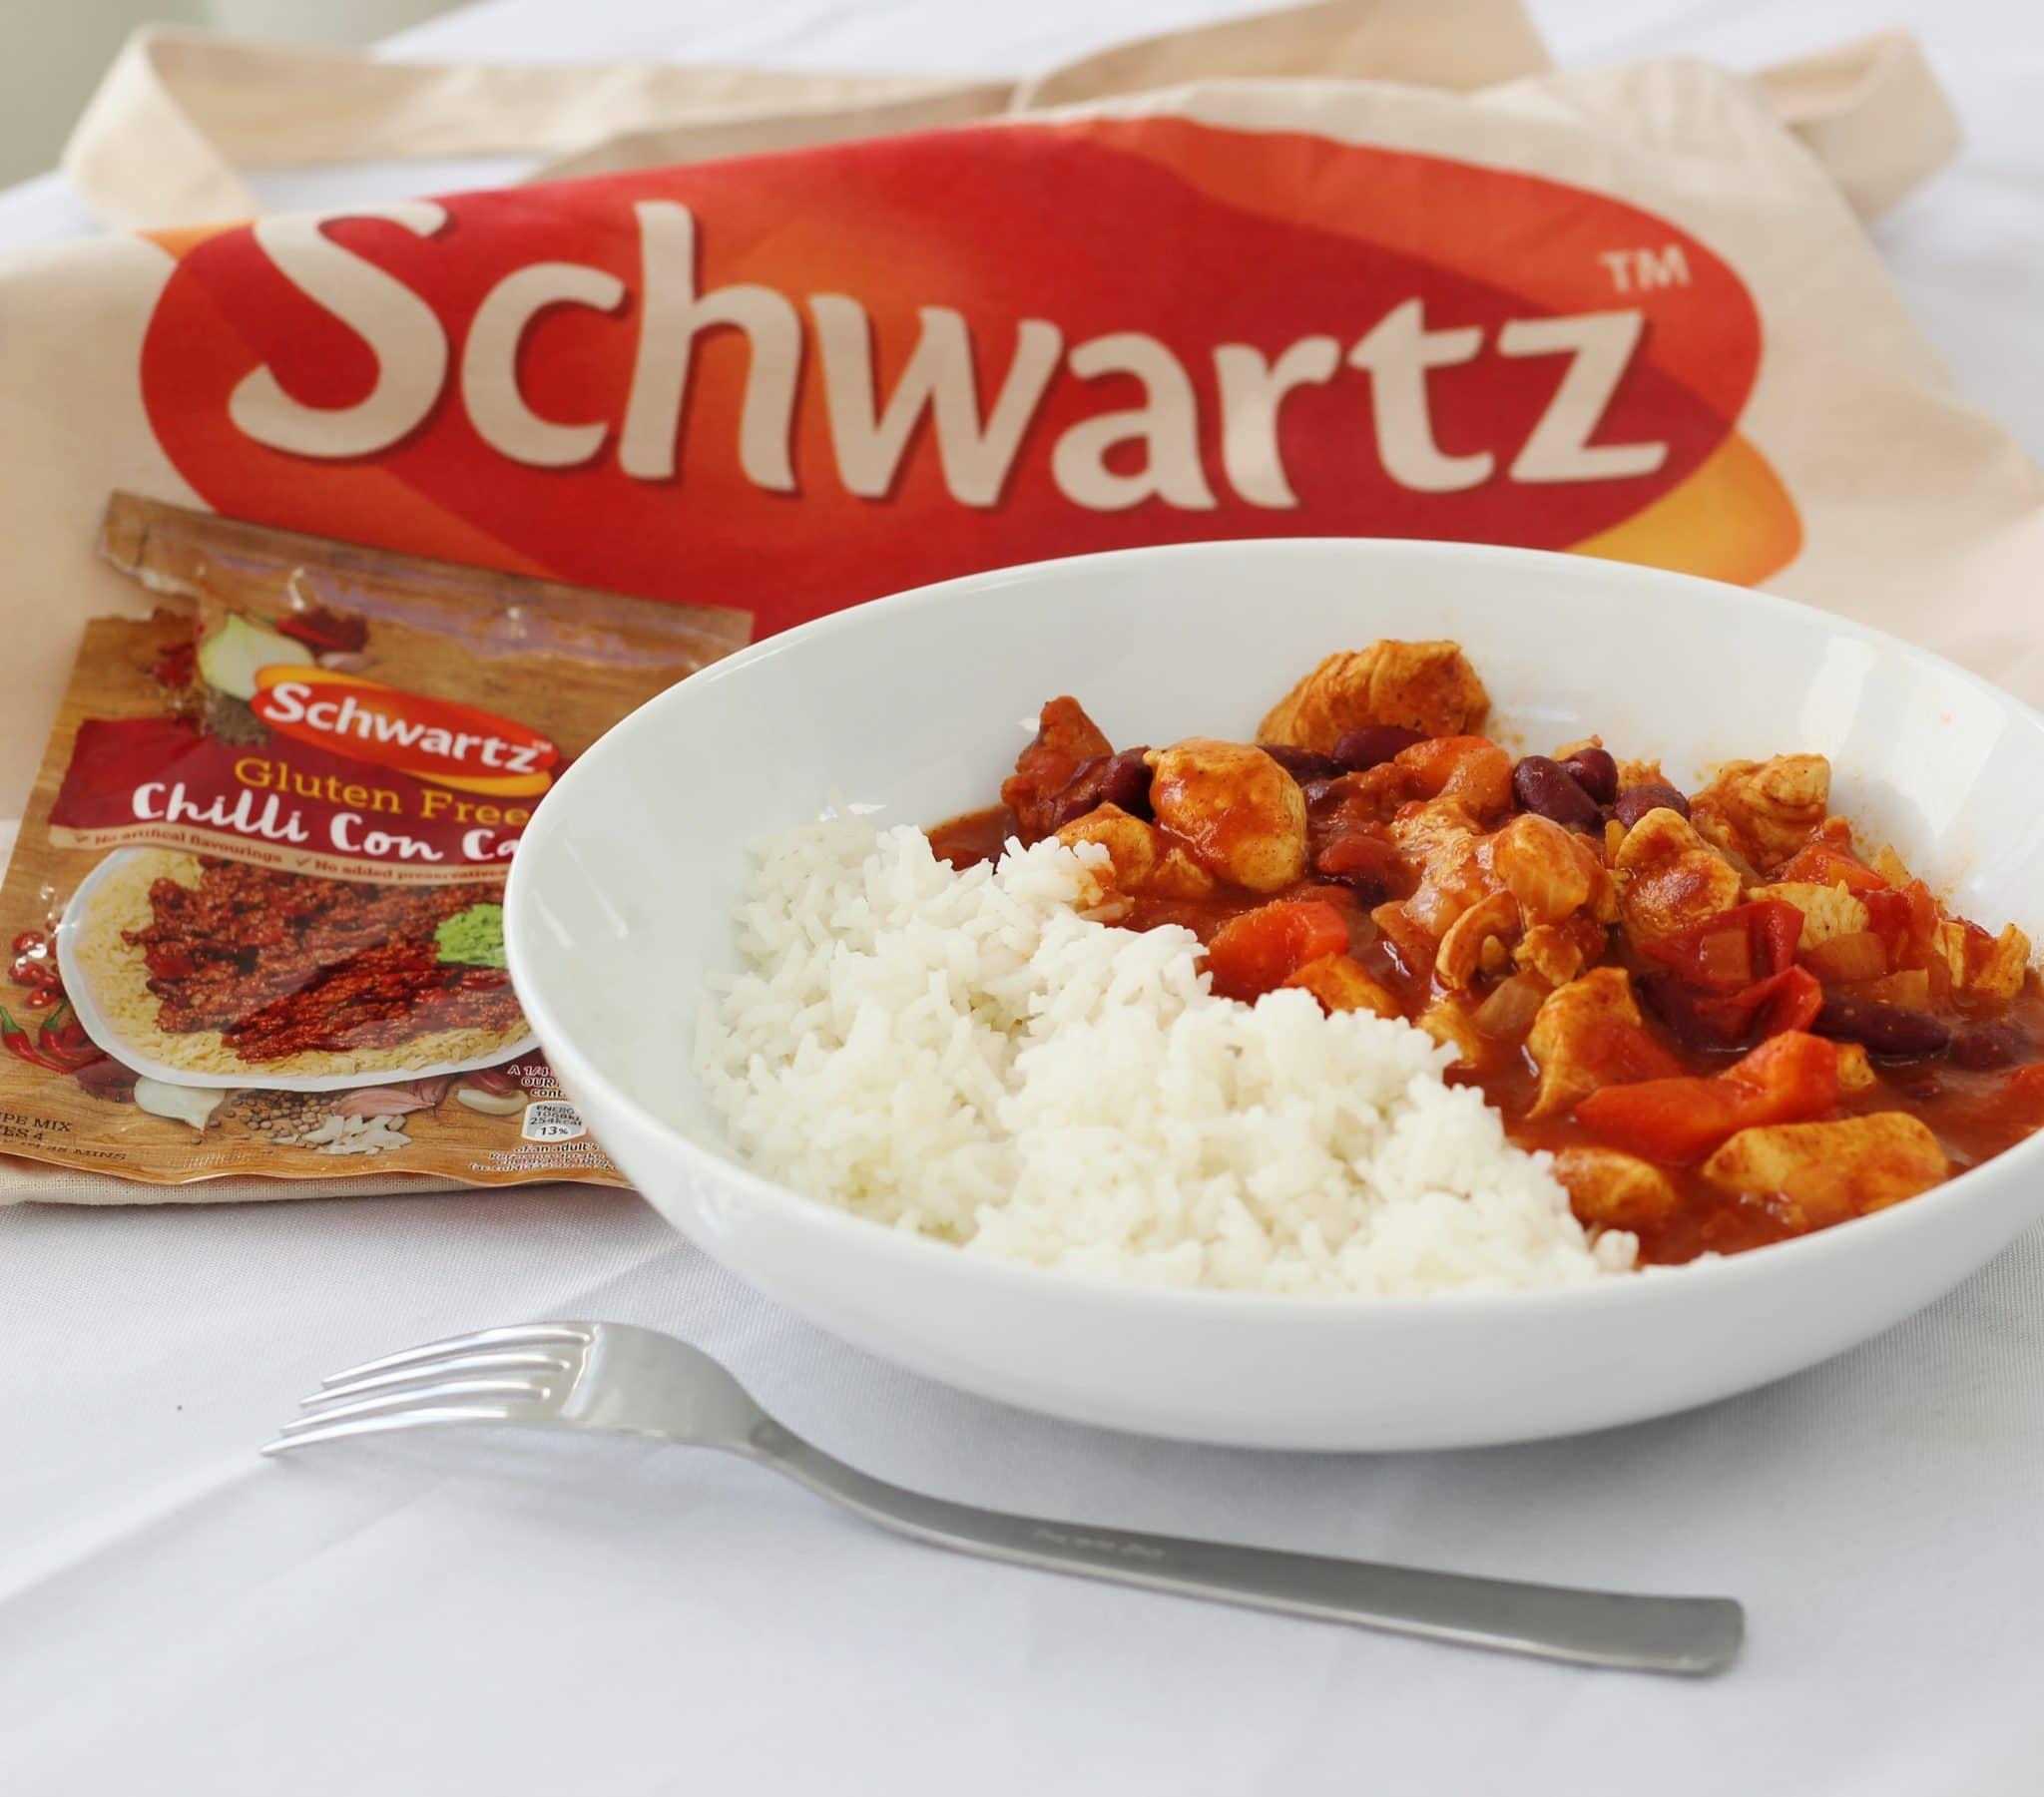 Schwartz gluten free chicken chilli